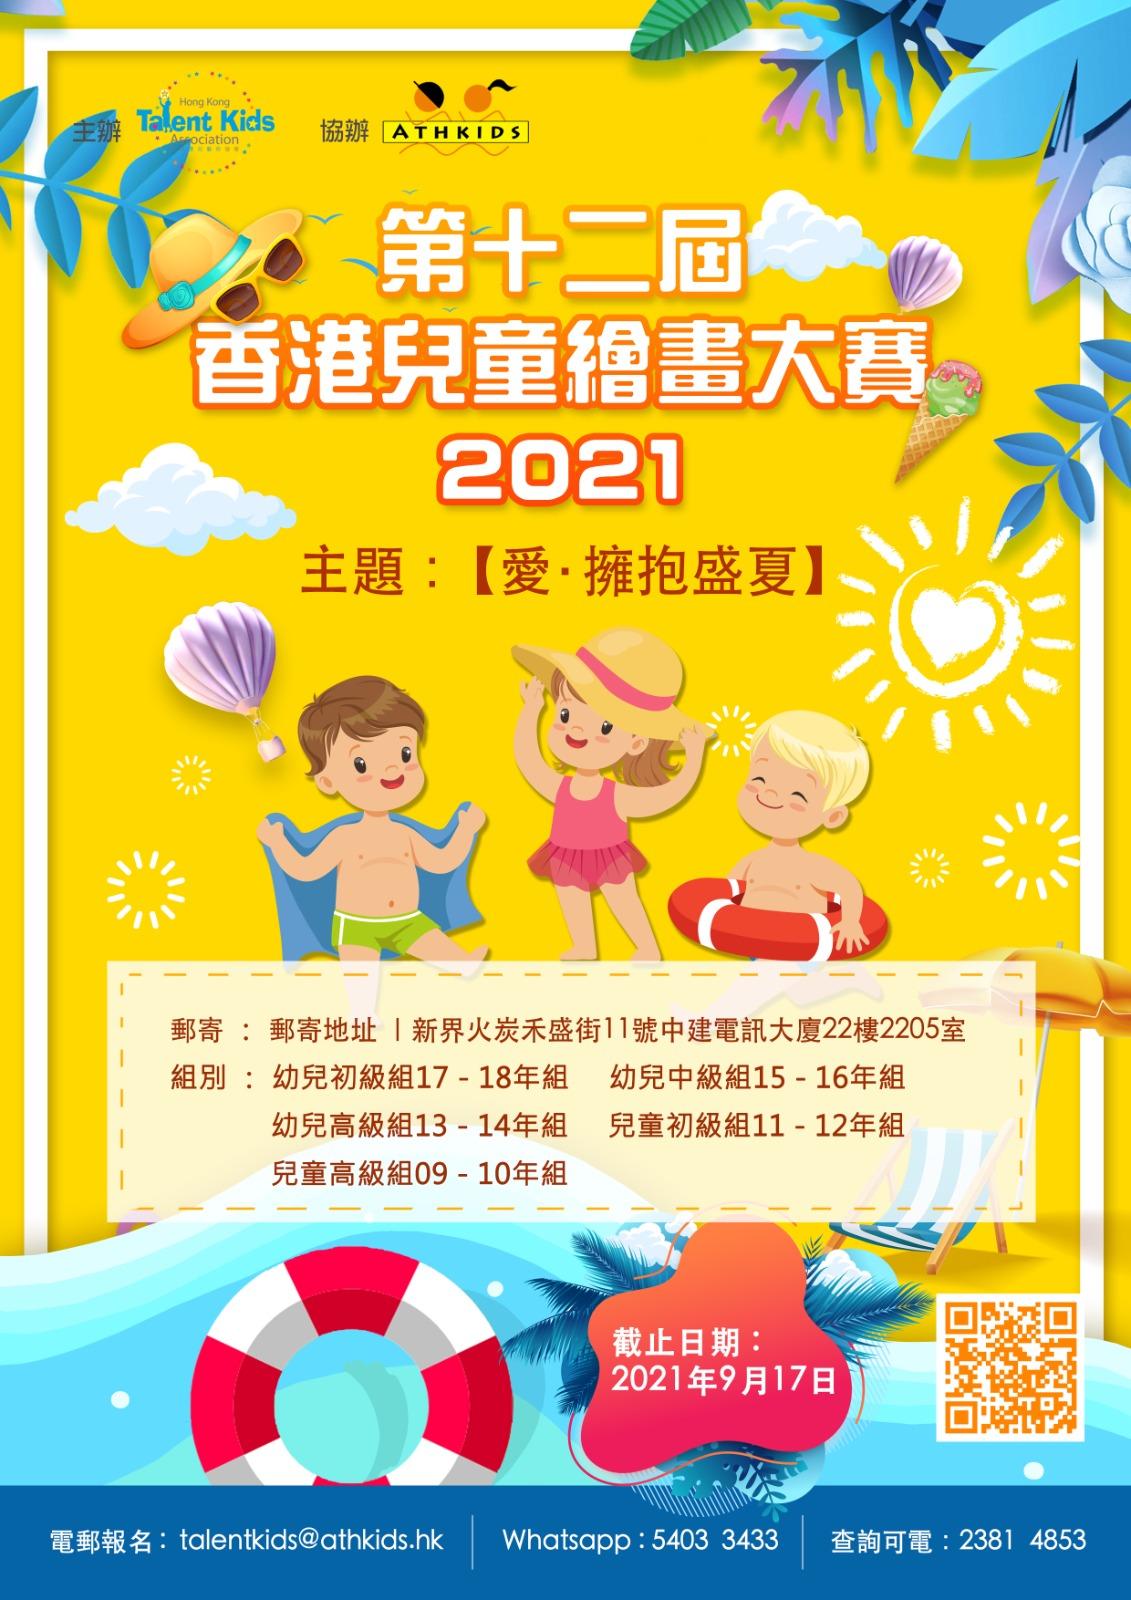 第十二屆香港兒童繪畫大賽2021(主題:愛·擁抱盛夏) – 成績公佈